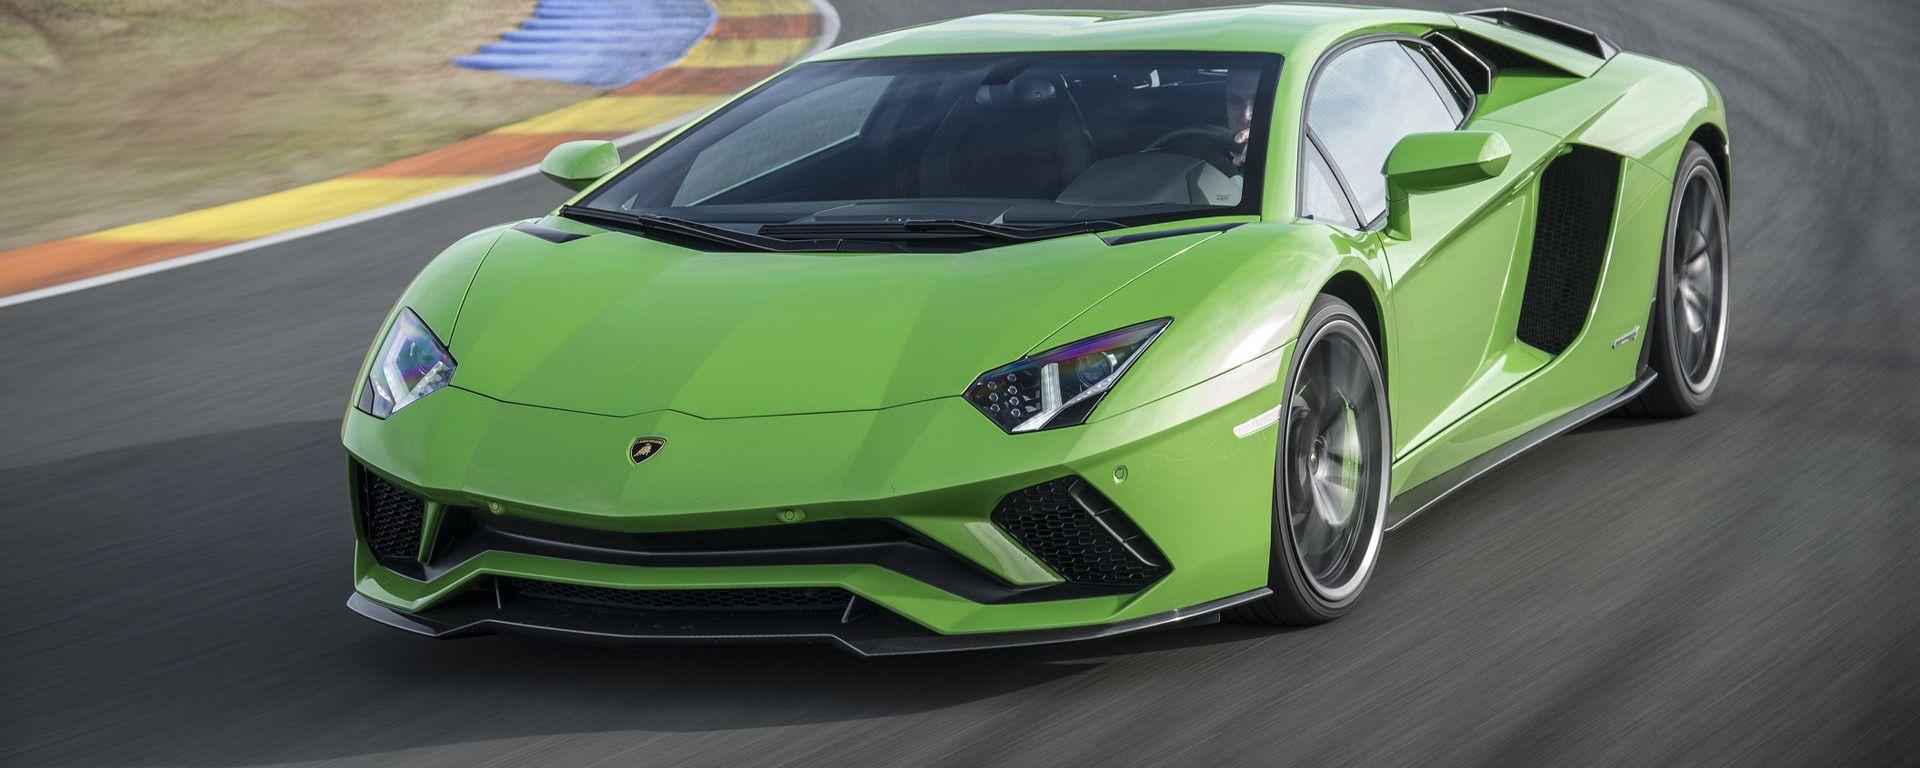 Lamborghini Aventador 2021: la supercar italiana sarà elettrificata